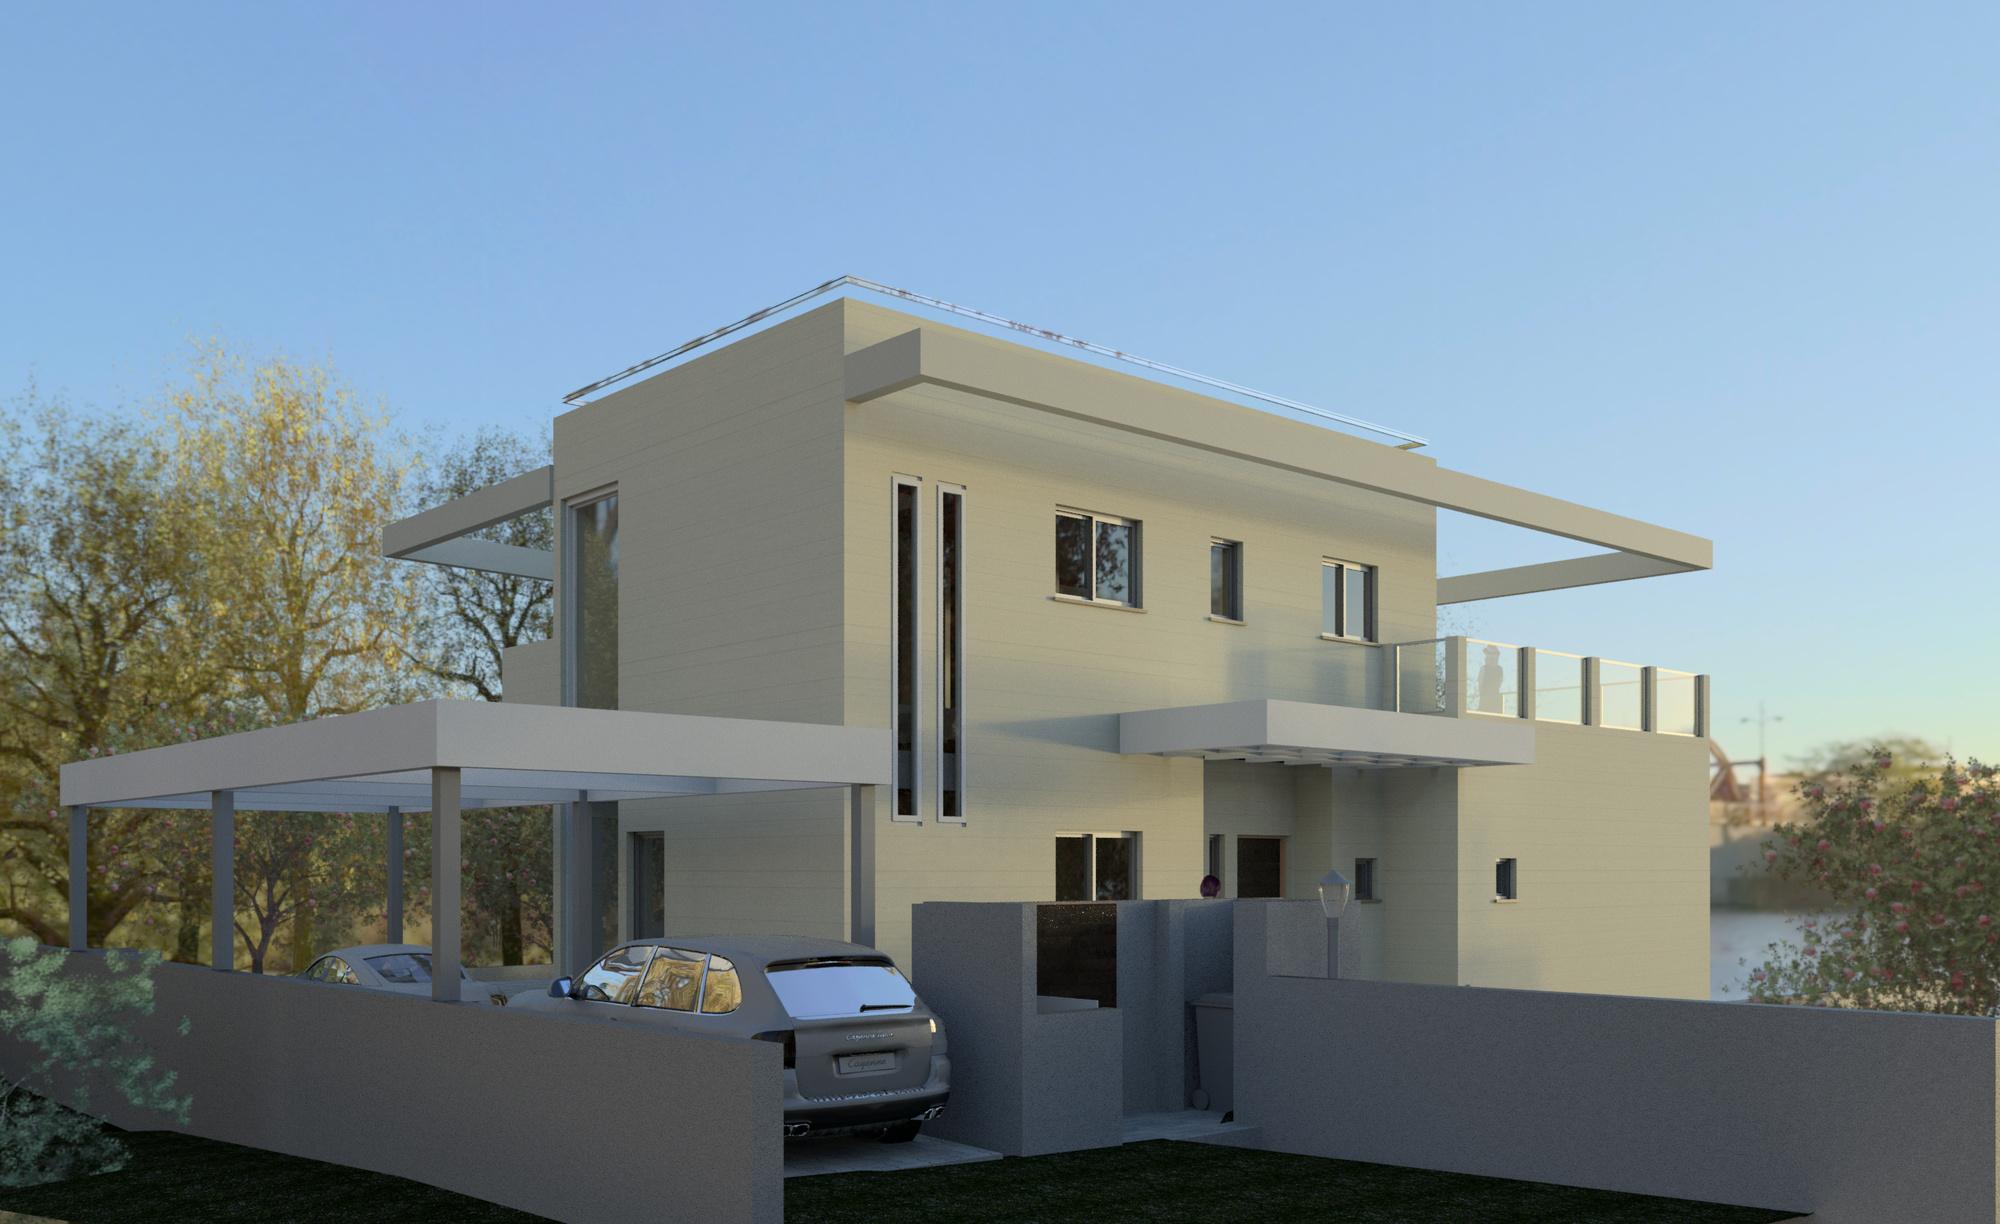 Raas-rendering20150430-31555-botubp